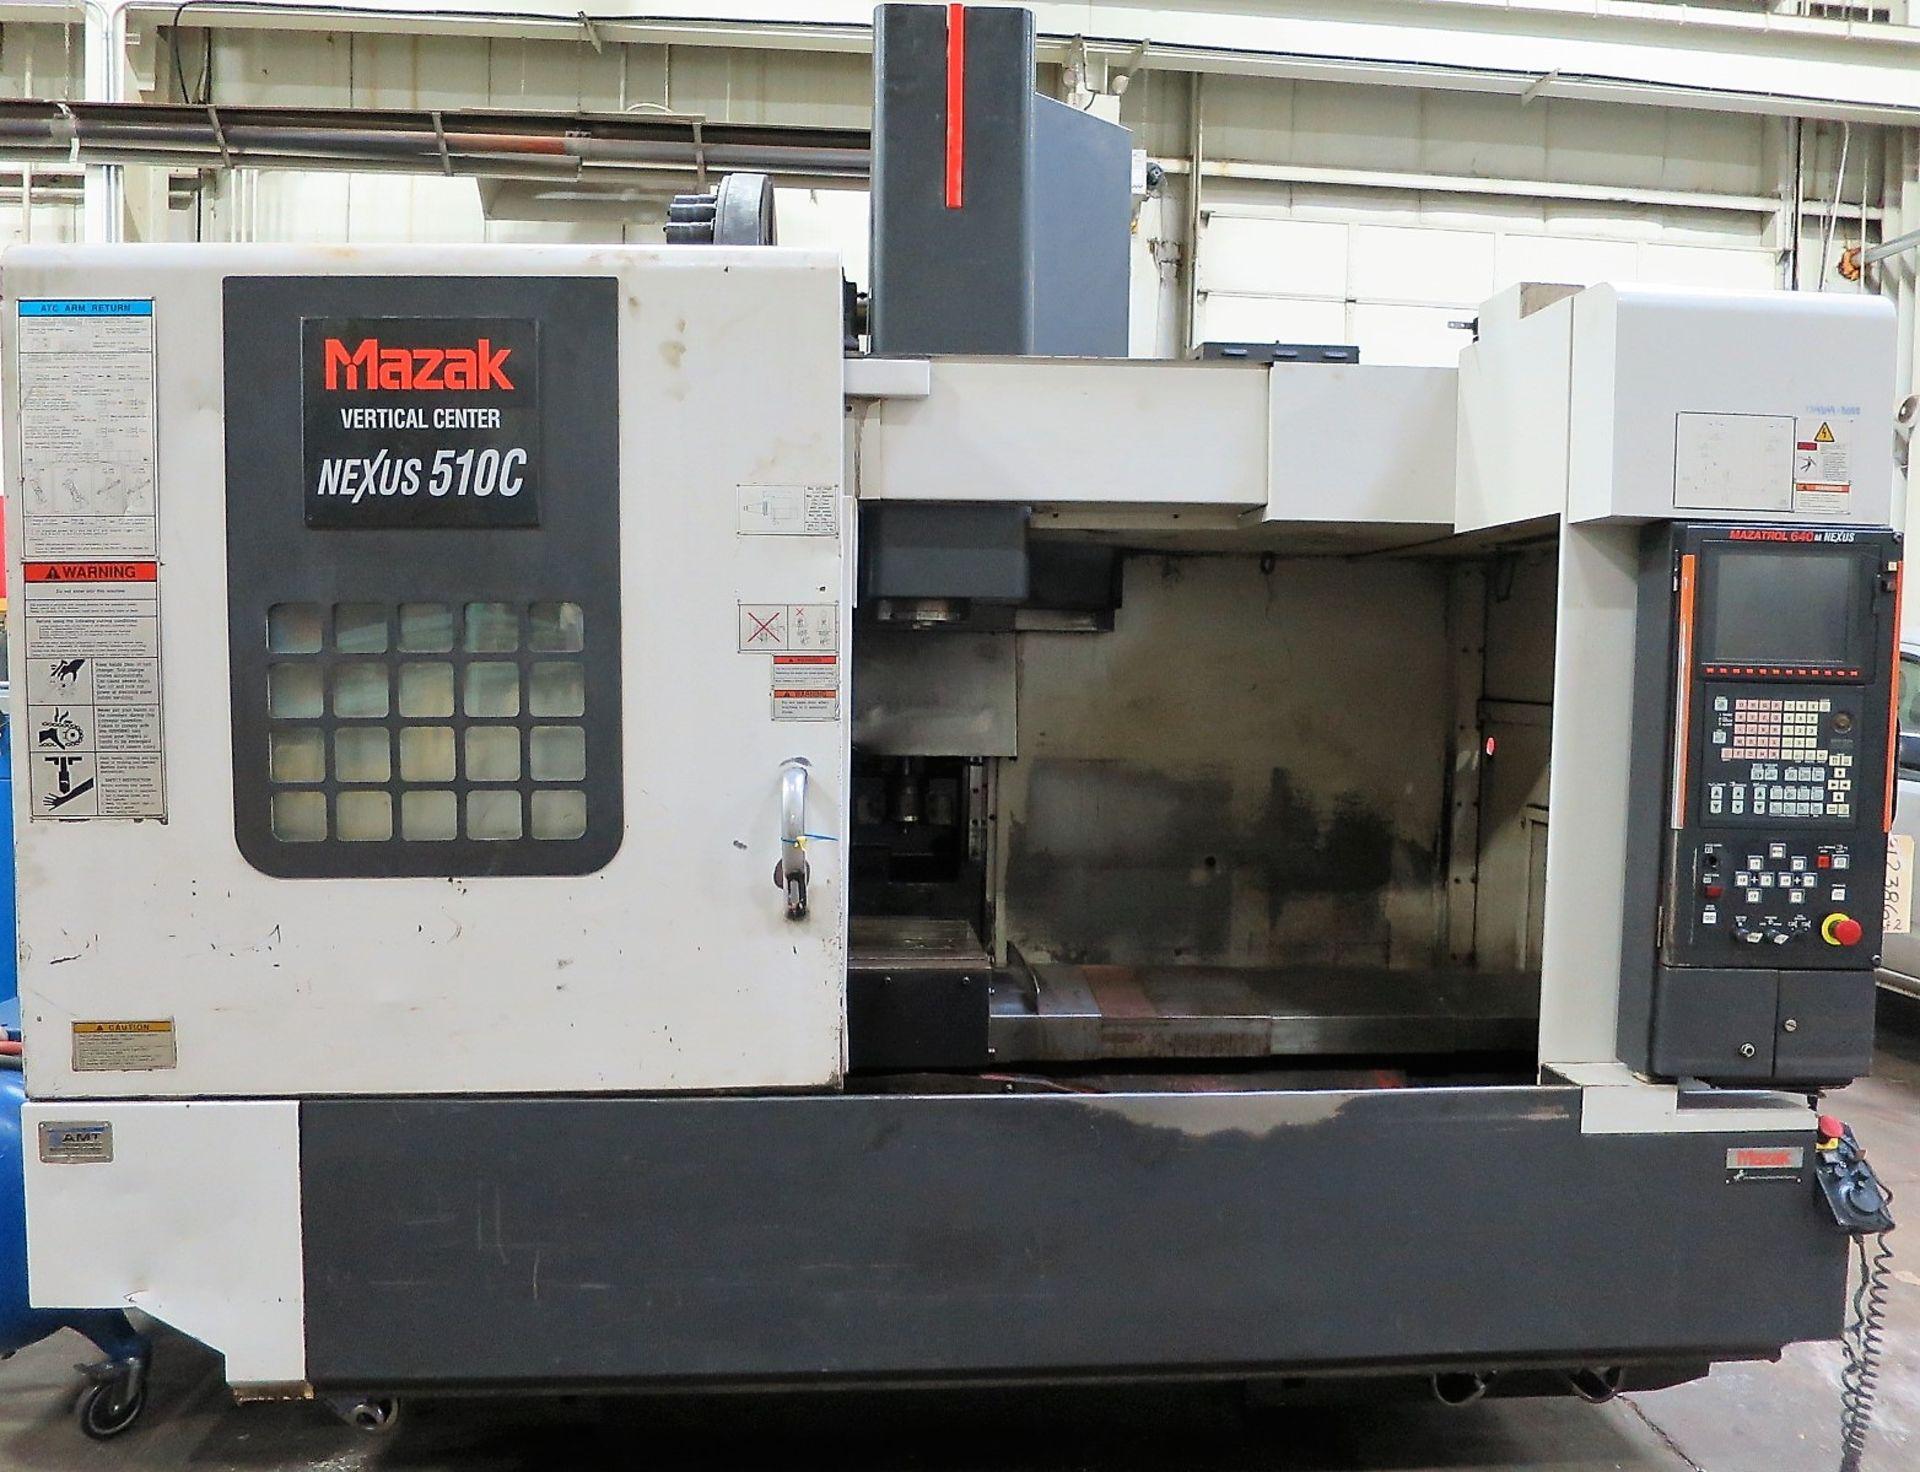 Lot 10M - MAZAK NEXUS 510C CNC HORIZONTAL MACHINING CENTER, S/N 172982, NEW 2005